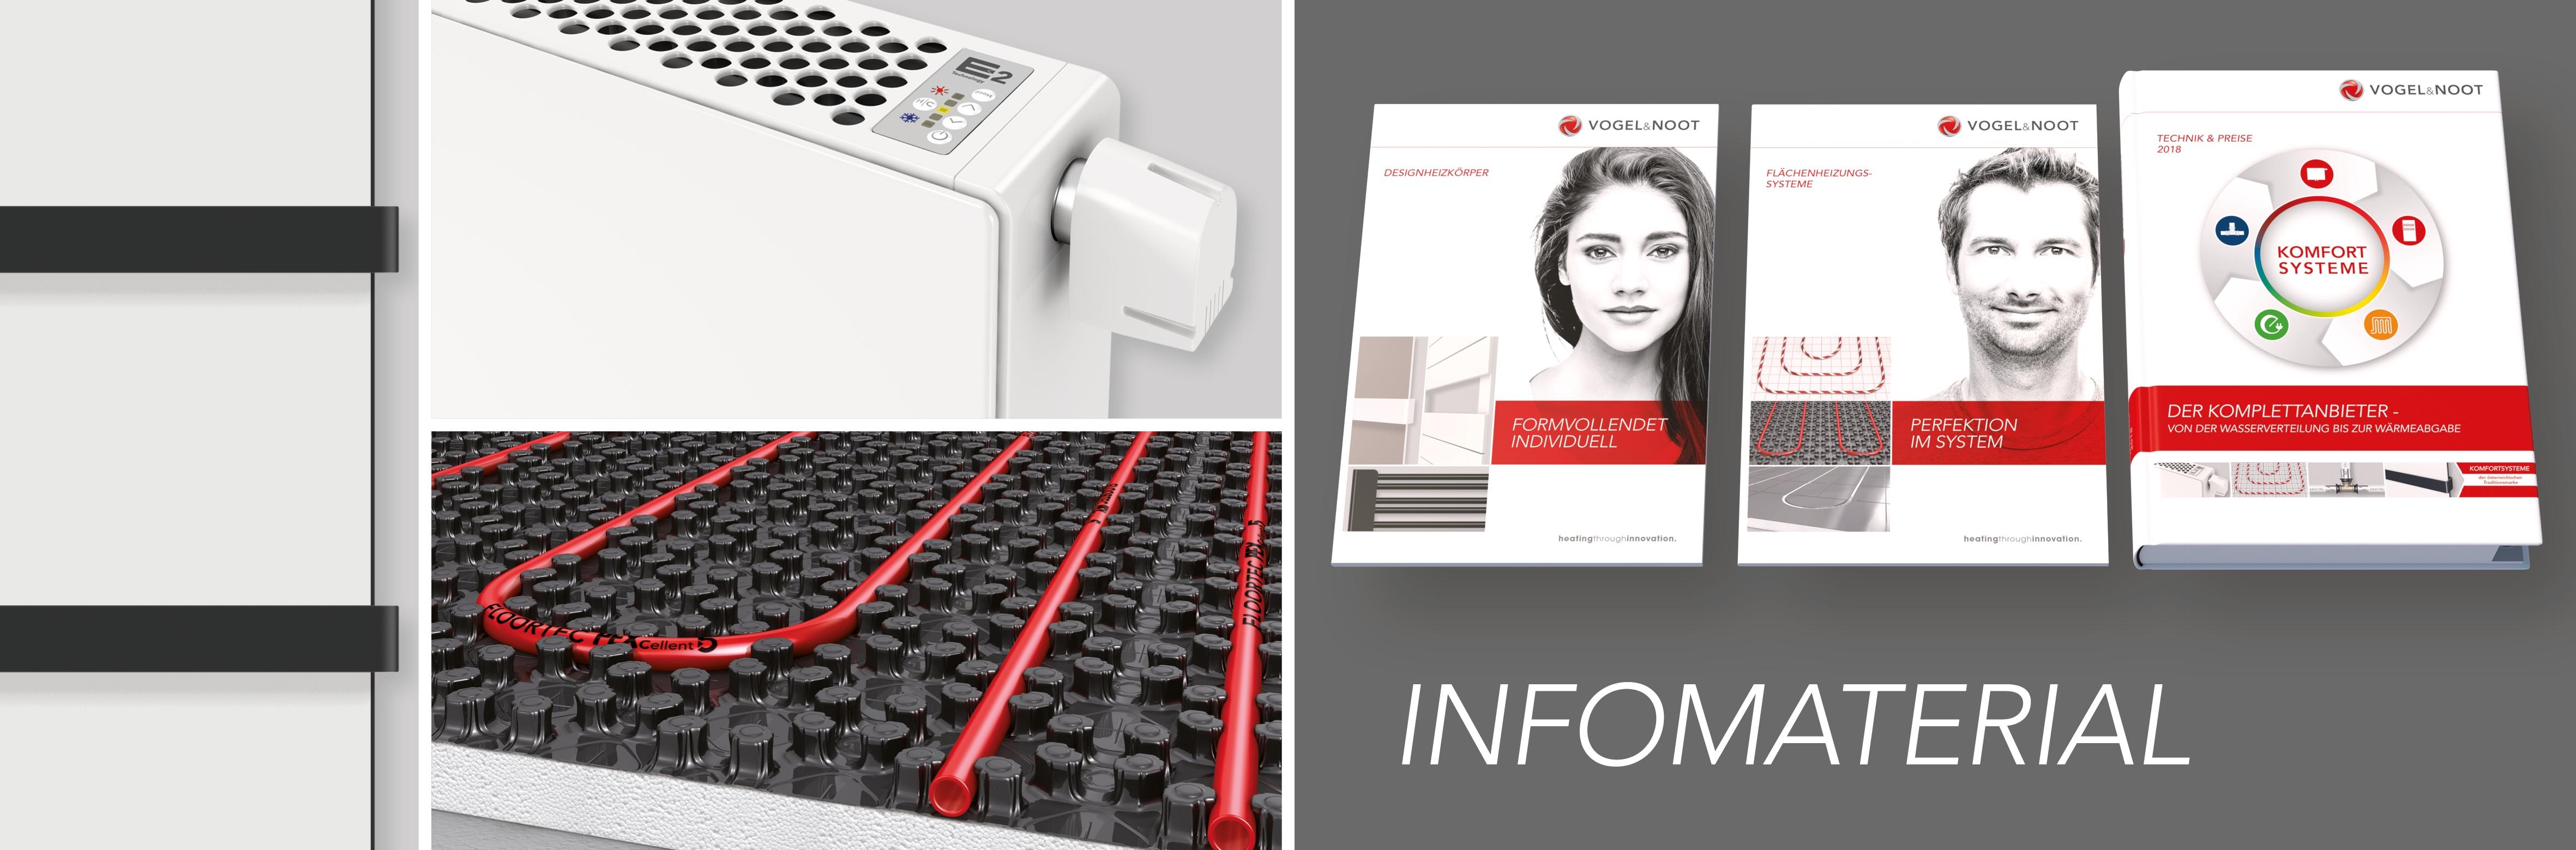 Infomaterial Österreich